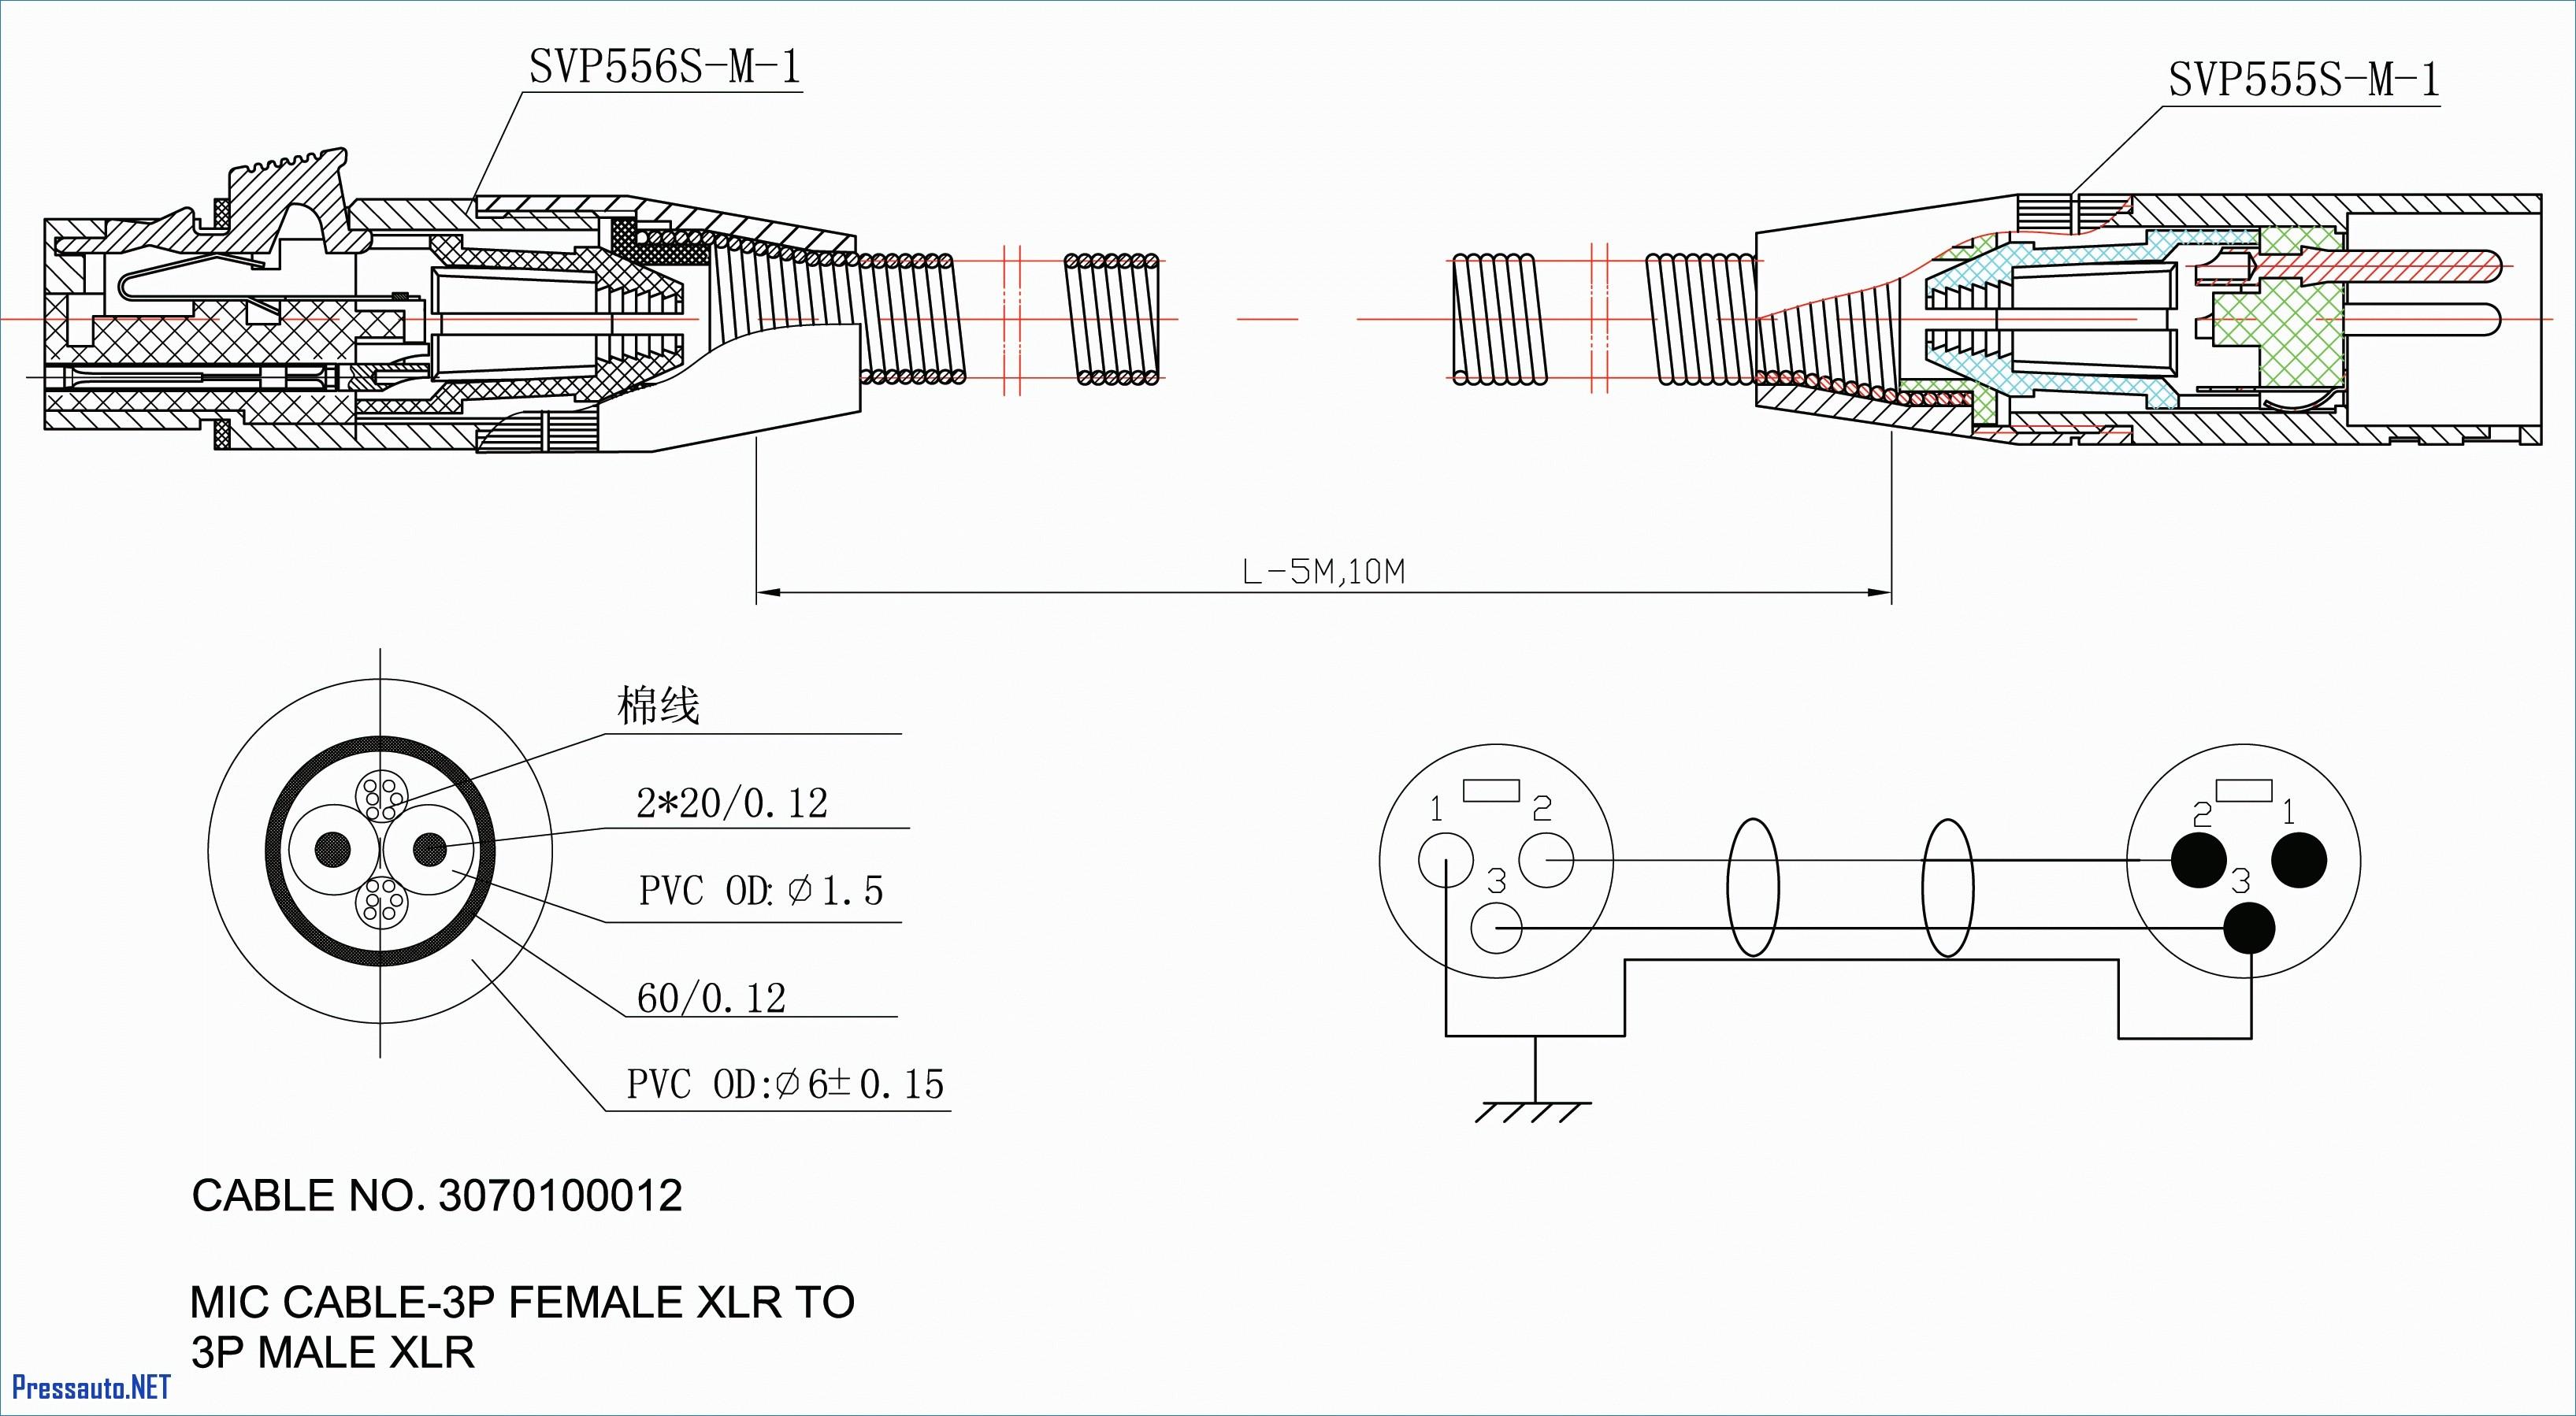 Full Size of Wiring Diagram 8n Wiring Diagram Best Wiring Diagram Kenwood Car Stereo